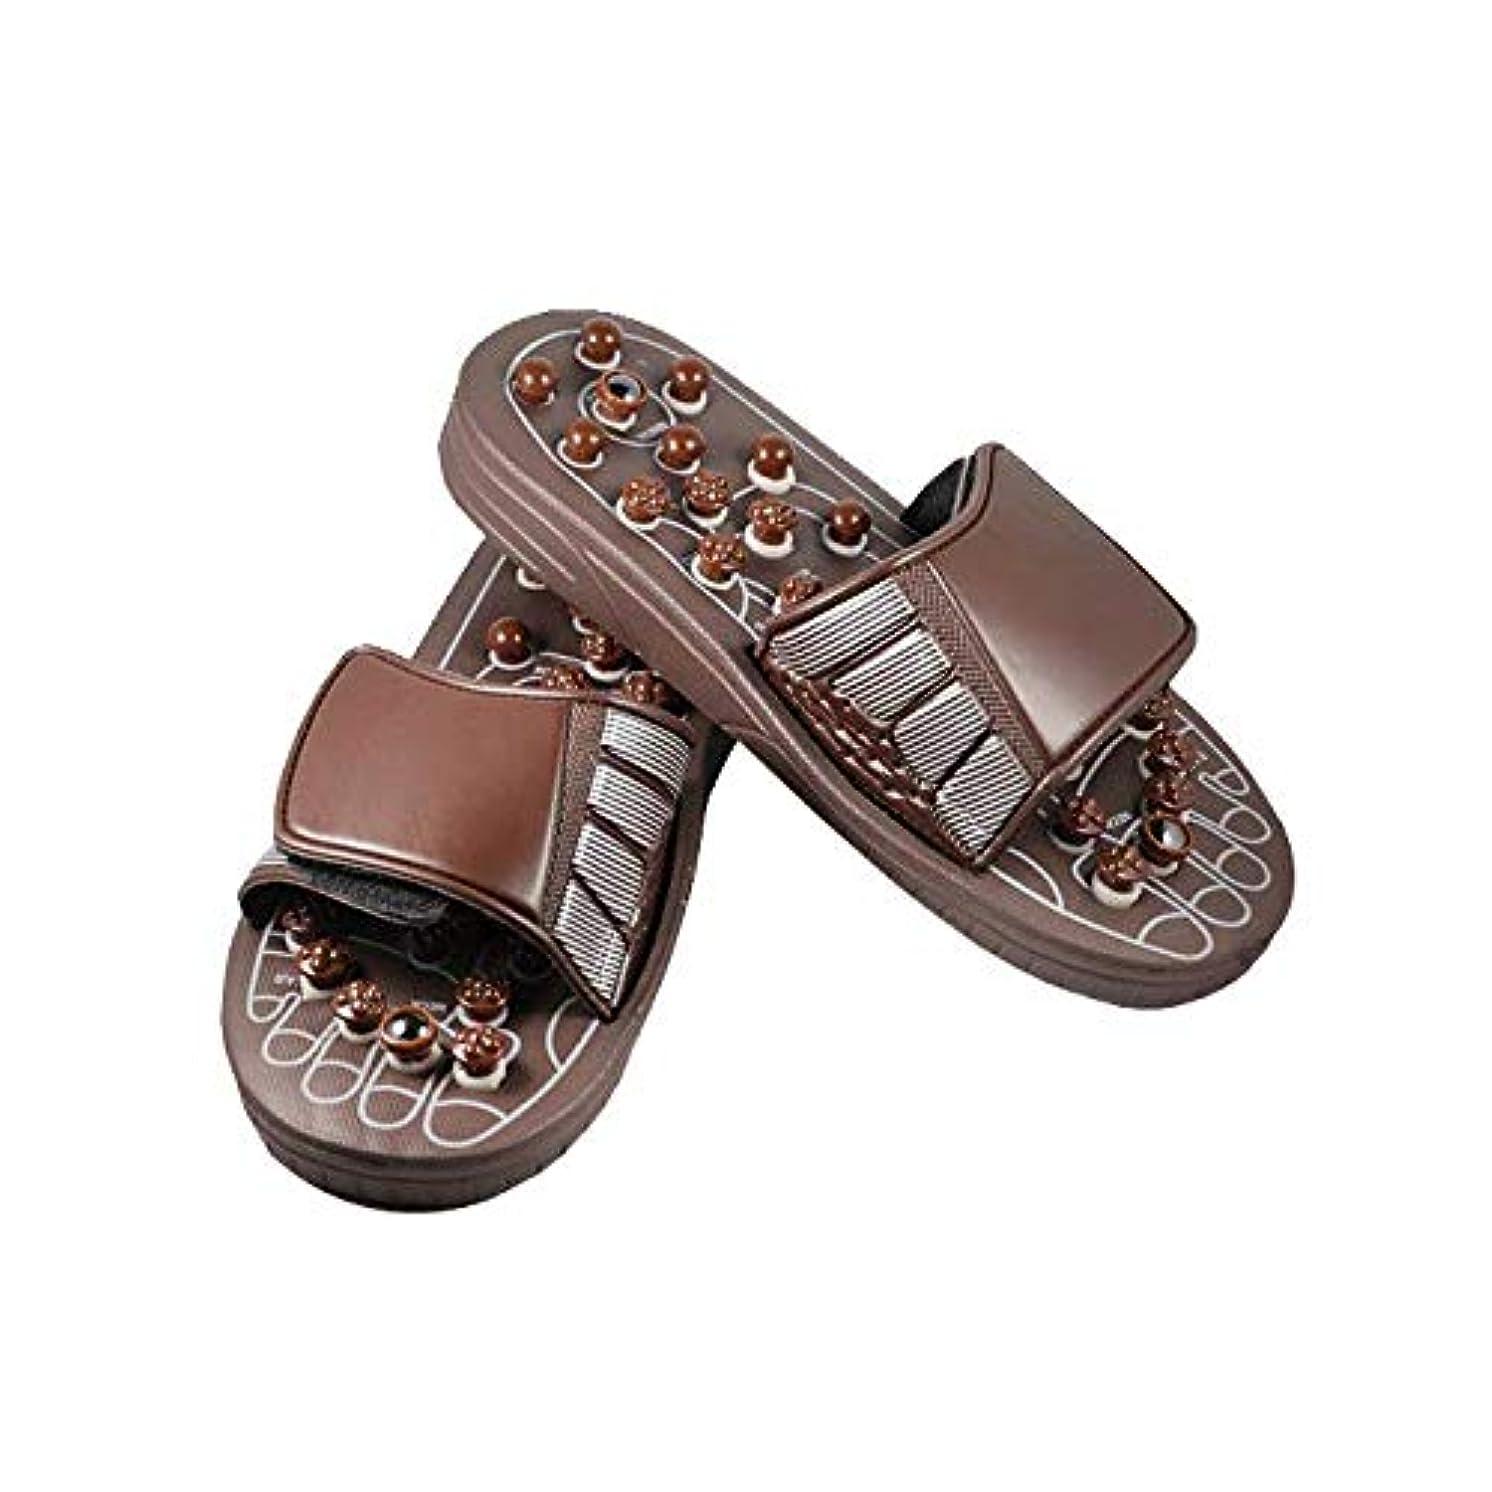 セグメントグリットメンターEuphoric Feet 男性と女性のためのマッサージスリッパ足リフレクソロジー指圧サンダルの靴の救済痛み (M)